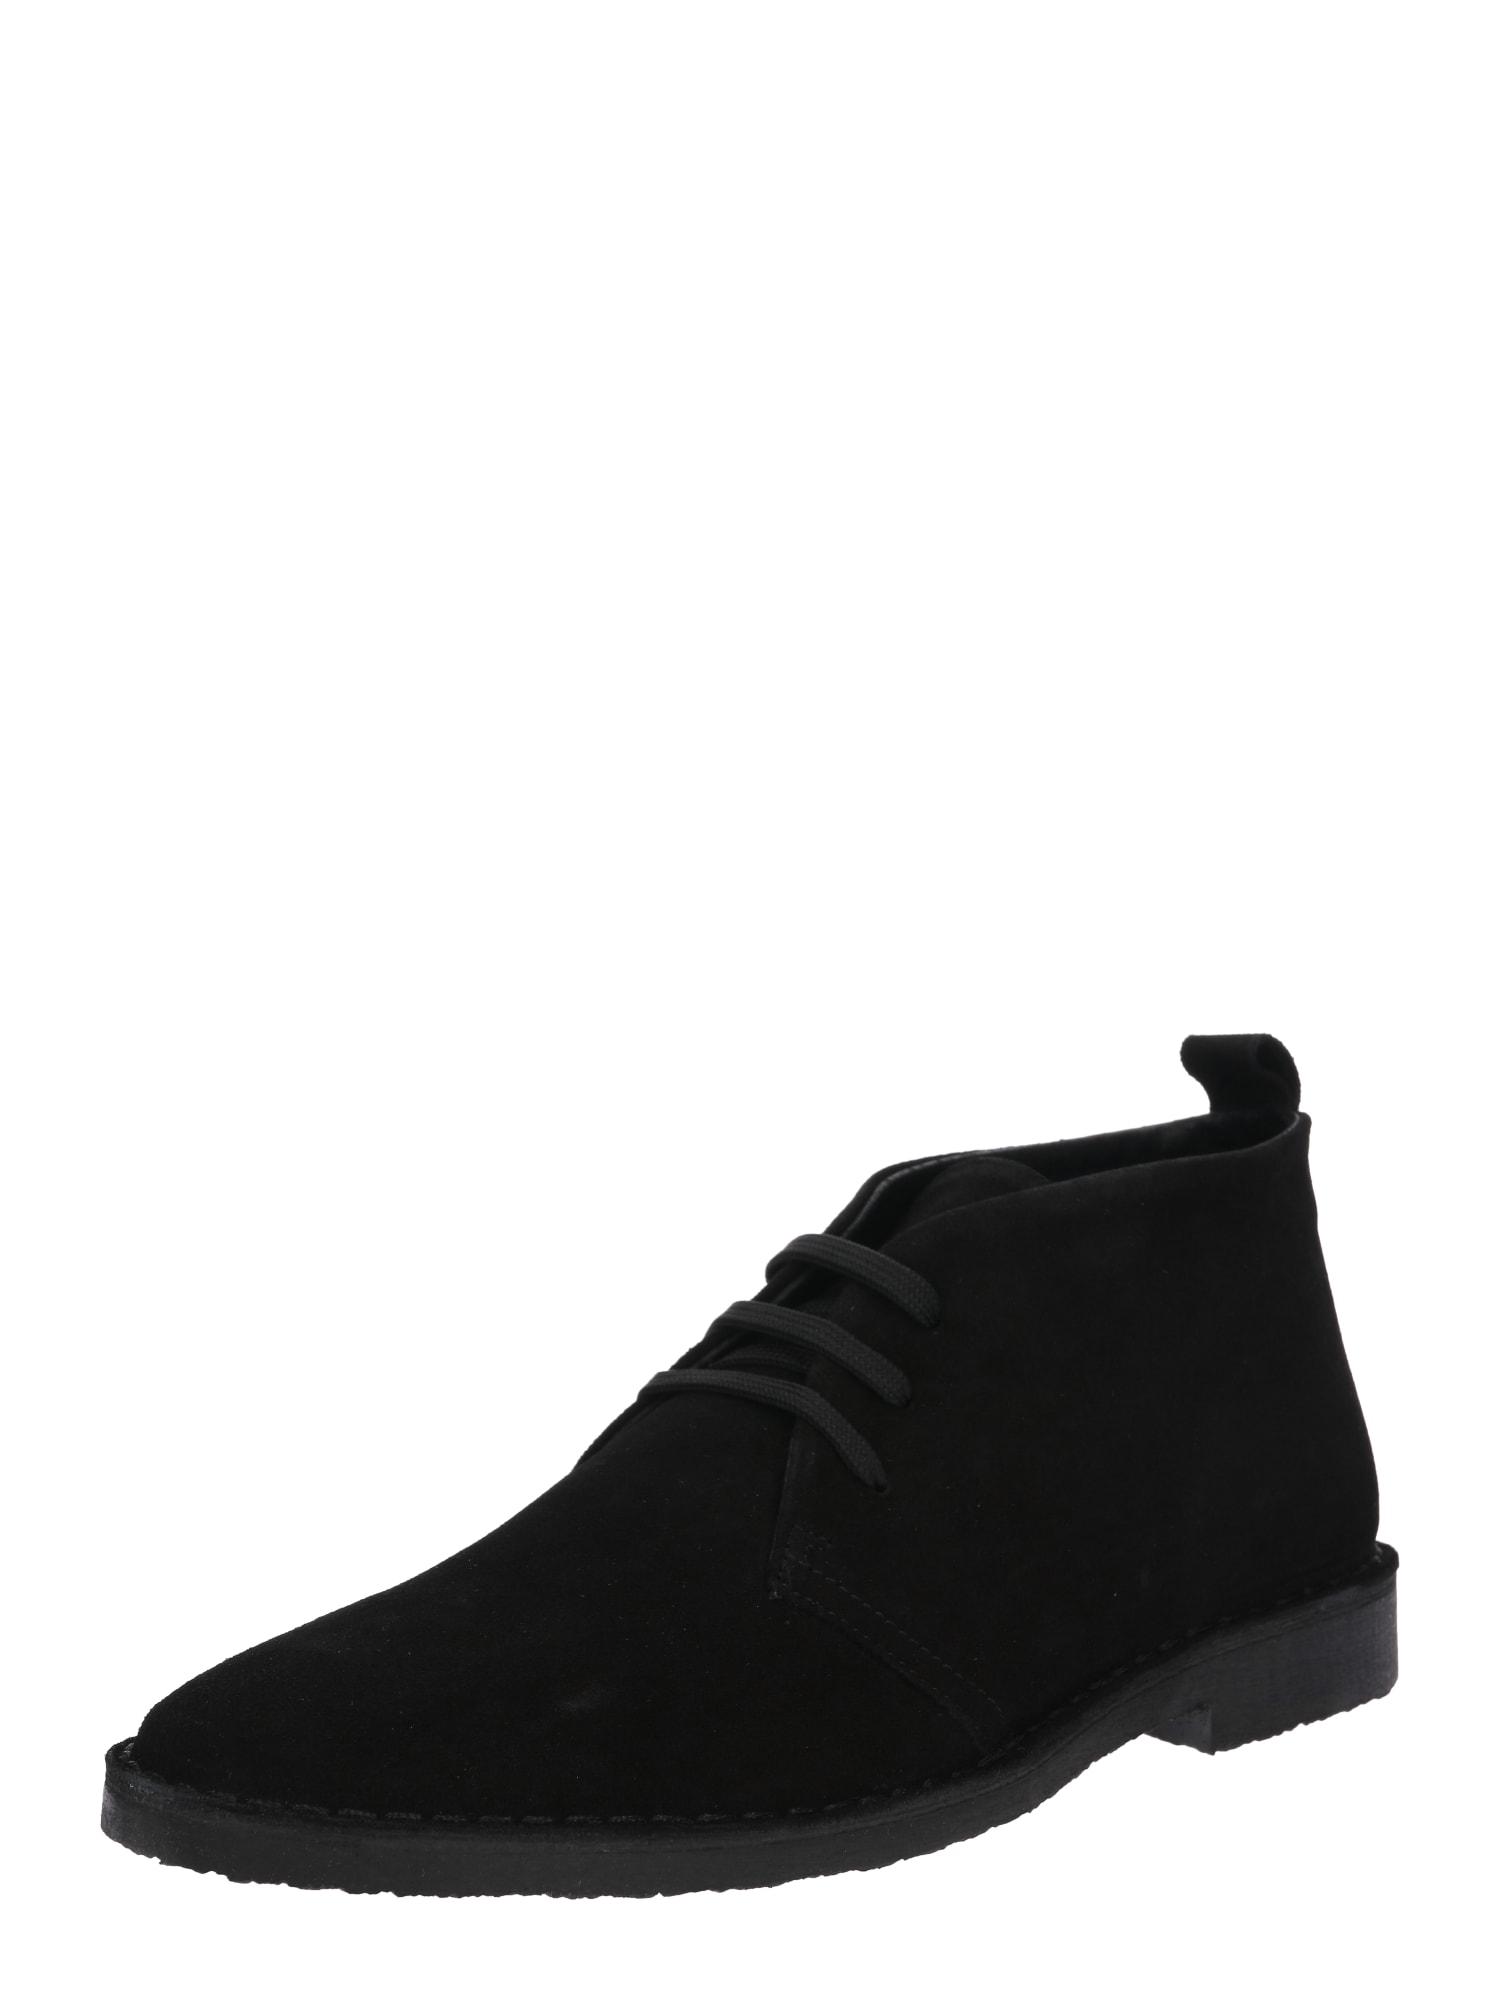 Šněrovací boty Kenan černá ABOUT YOU